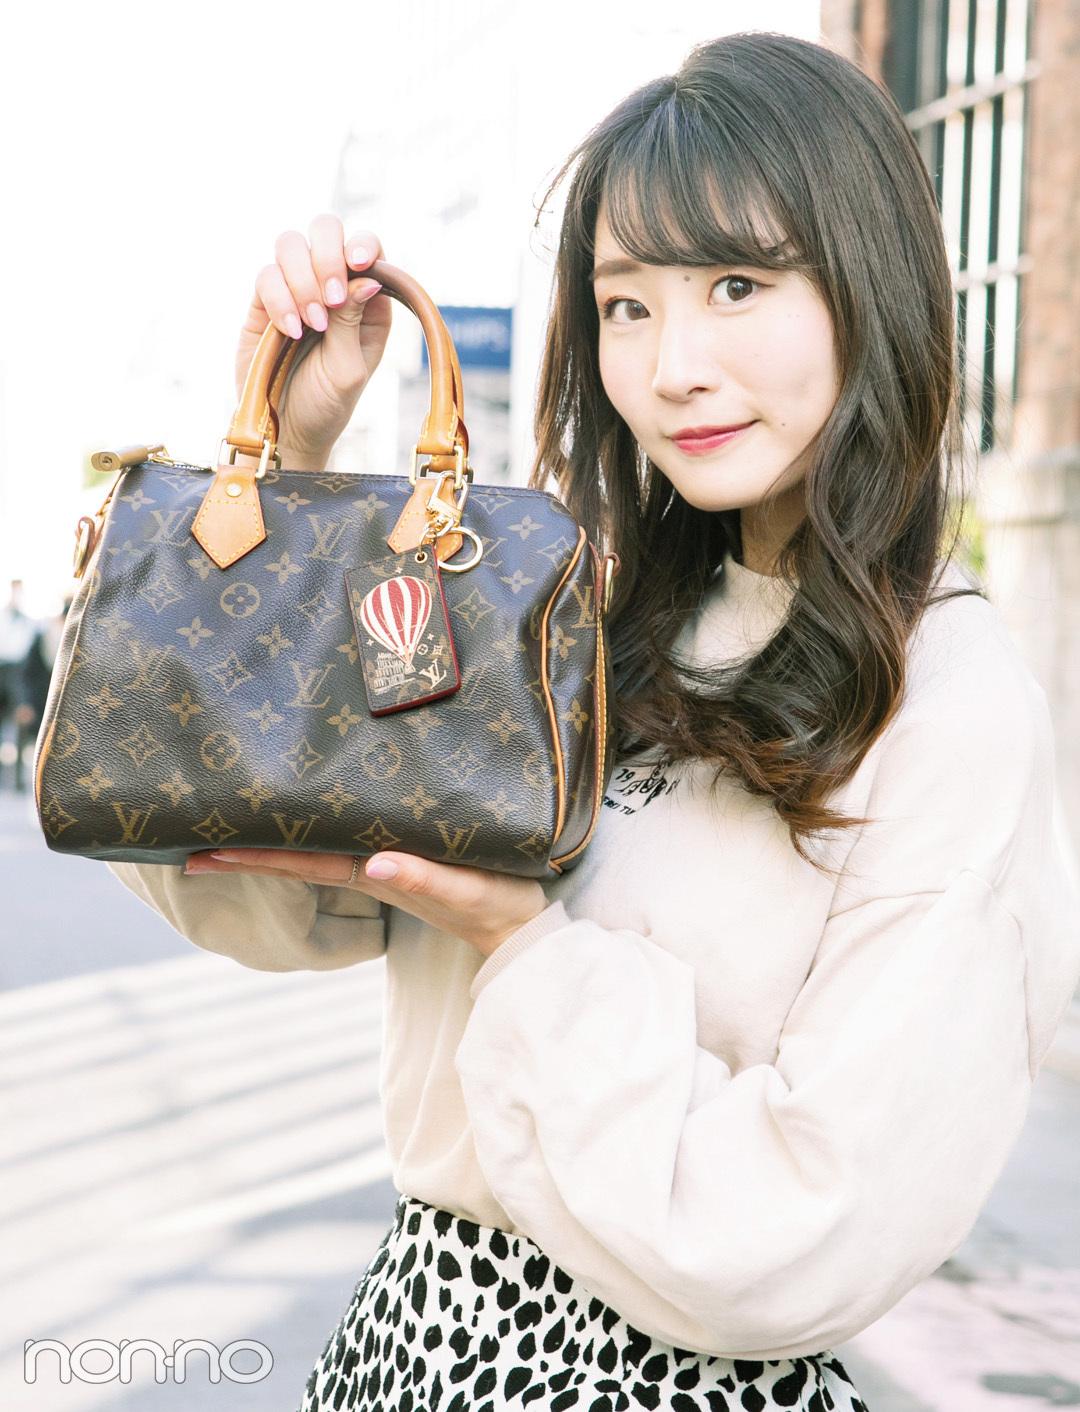 ノンノ専属読者モデルの愛用ブランドバッグ、見せて!【カワイイ選抜】_2_1